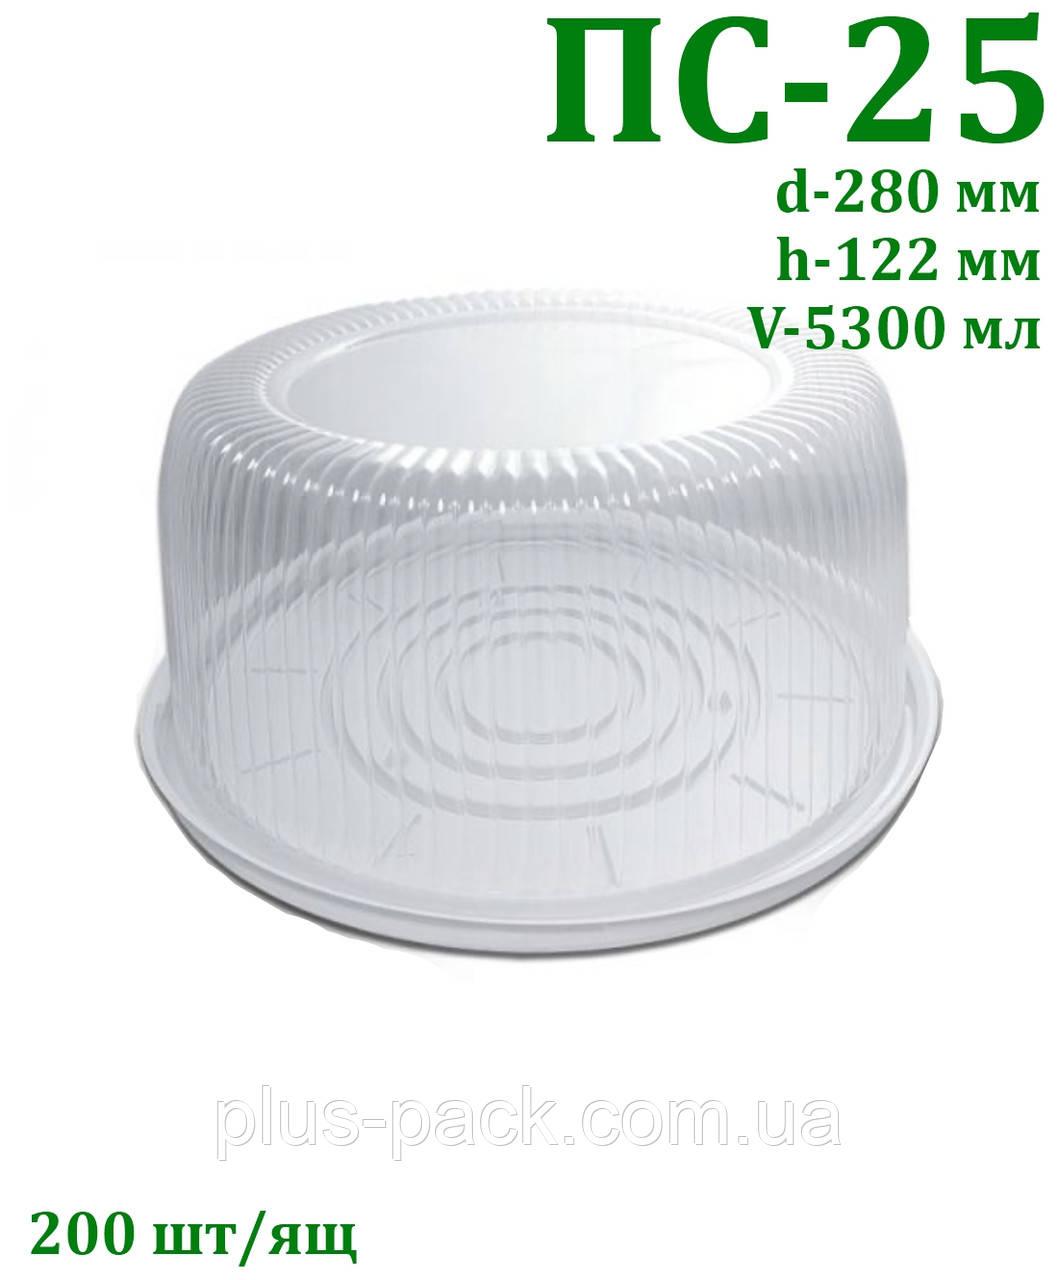 Упаковка для кондитерских изделий (2 кг), 200шт/ящ